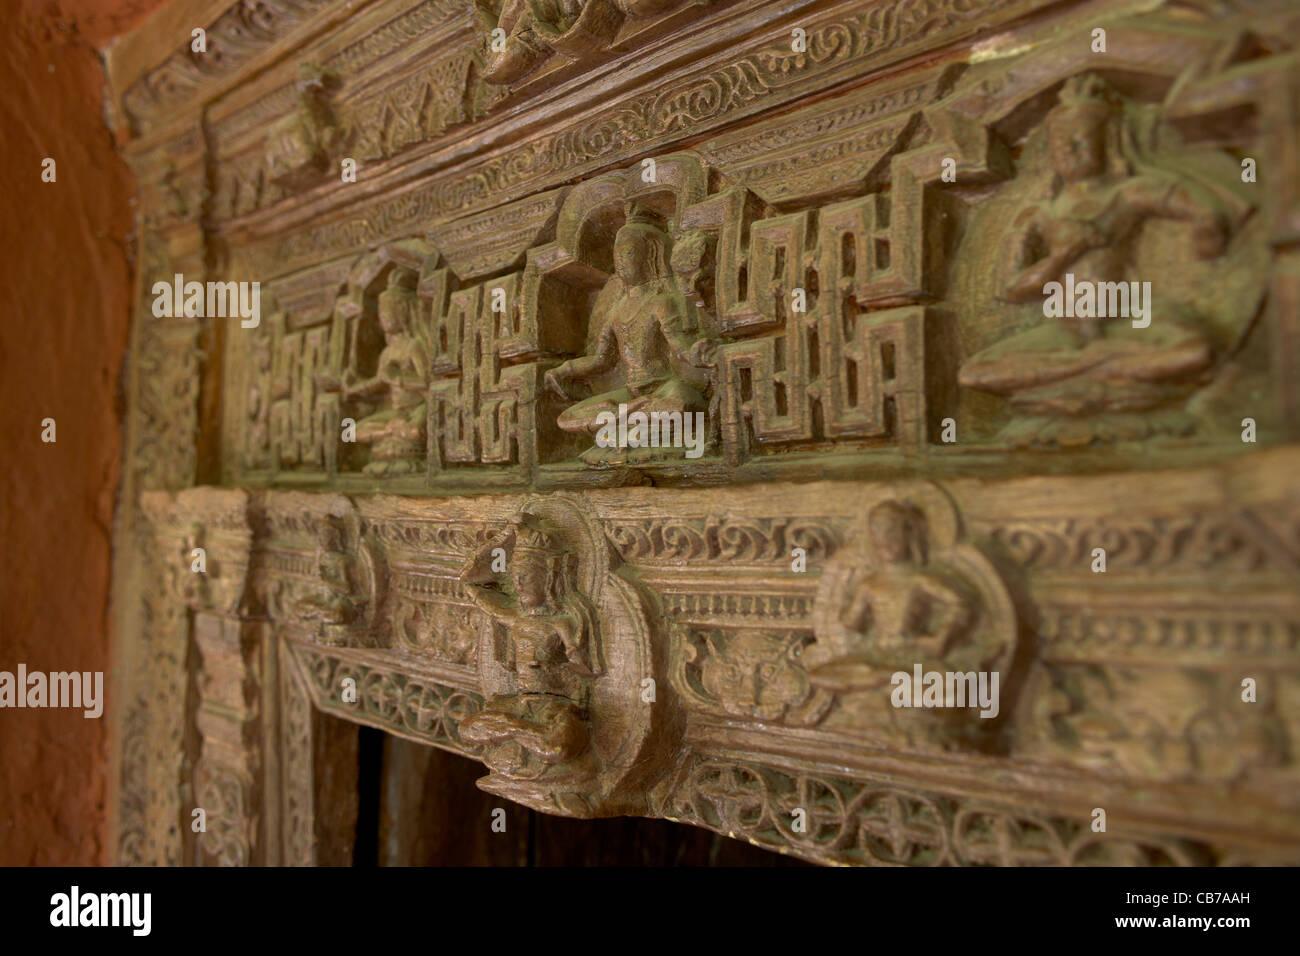 Wooden Door Frame Stockfotos & Wooden Door Frame Bilder - Alamy